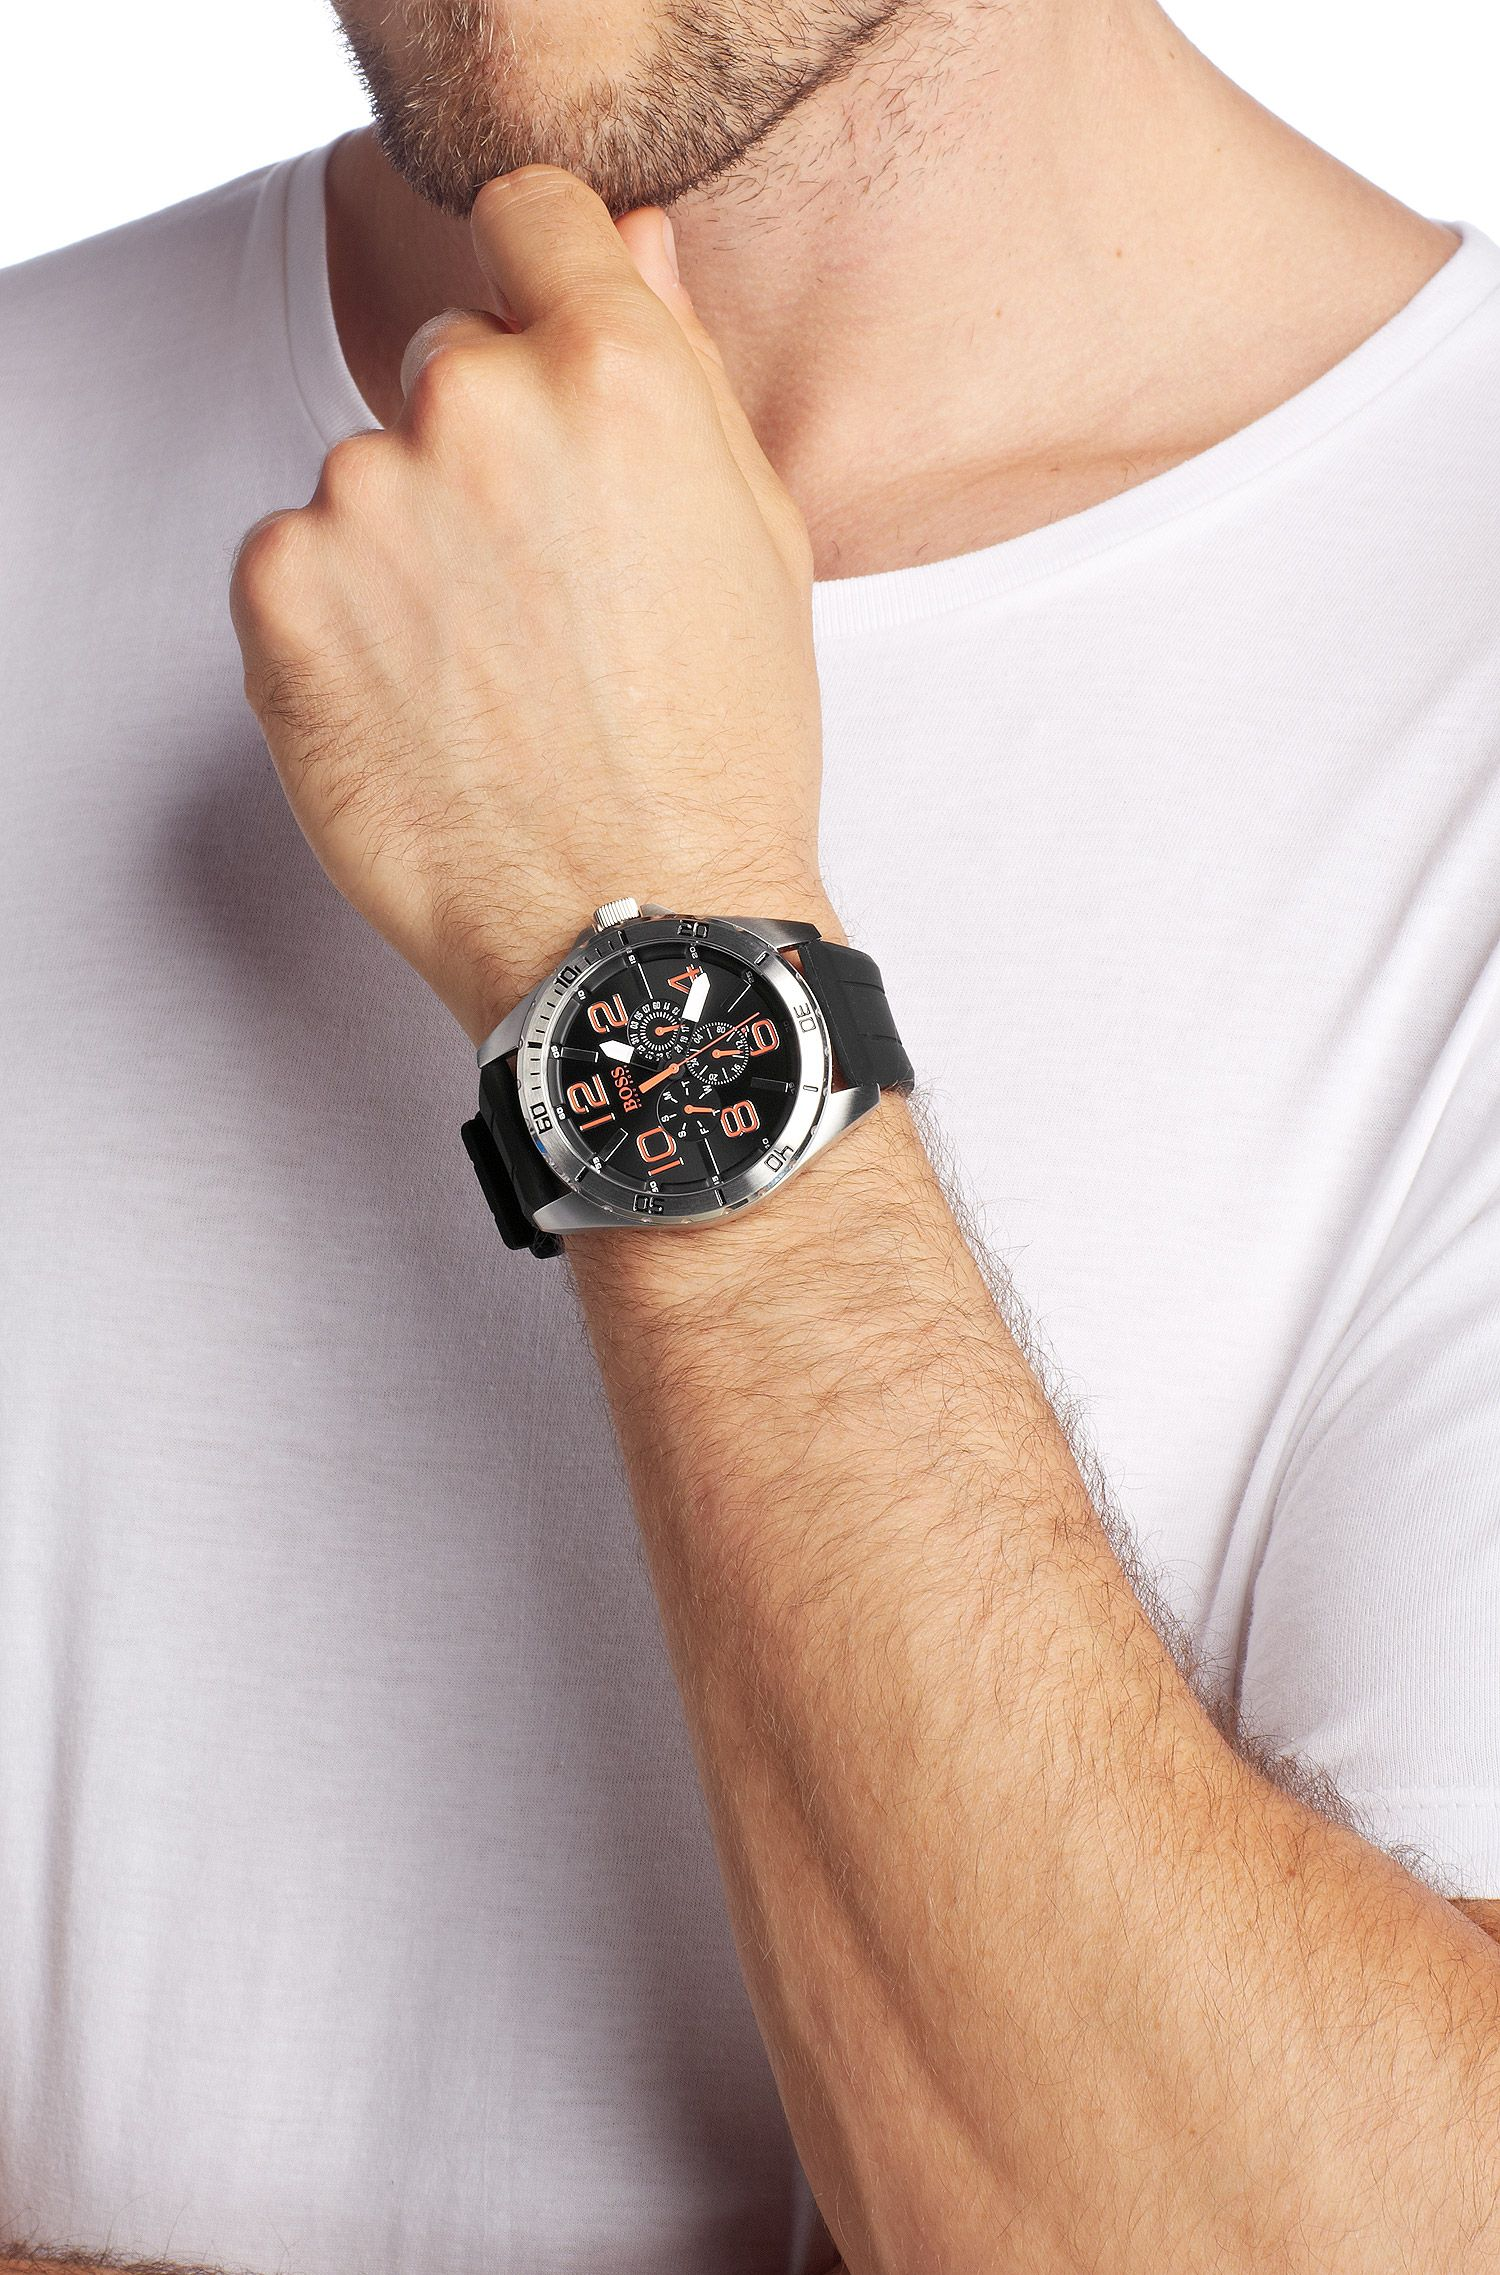 Montre homme à bracelet en silicone, HO7005